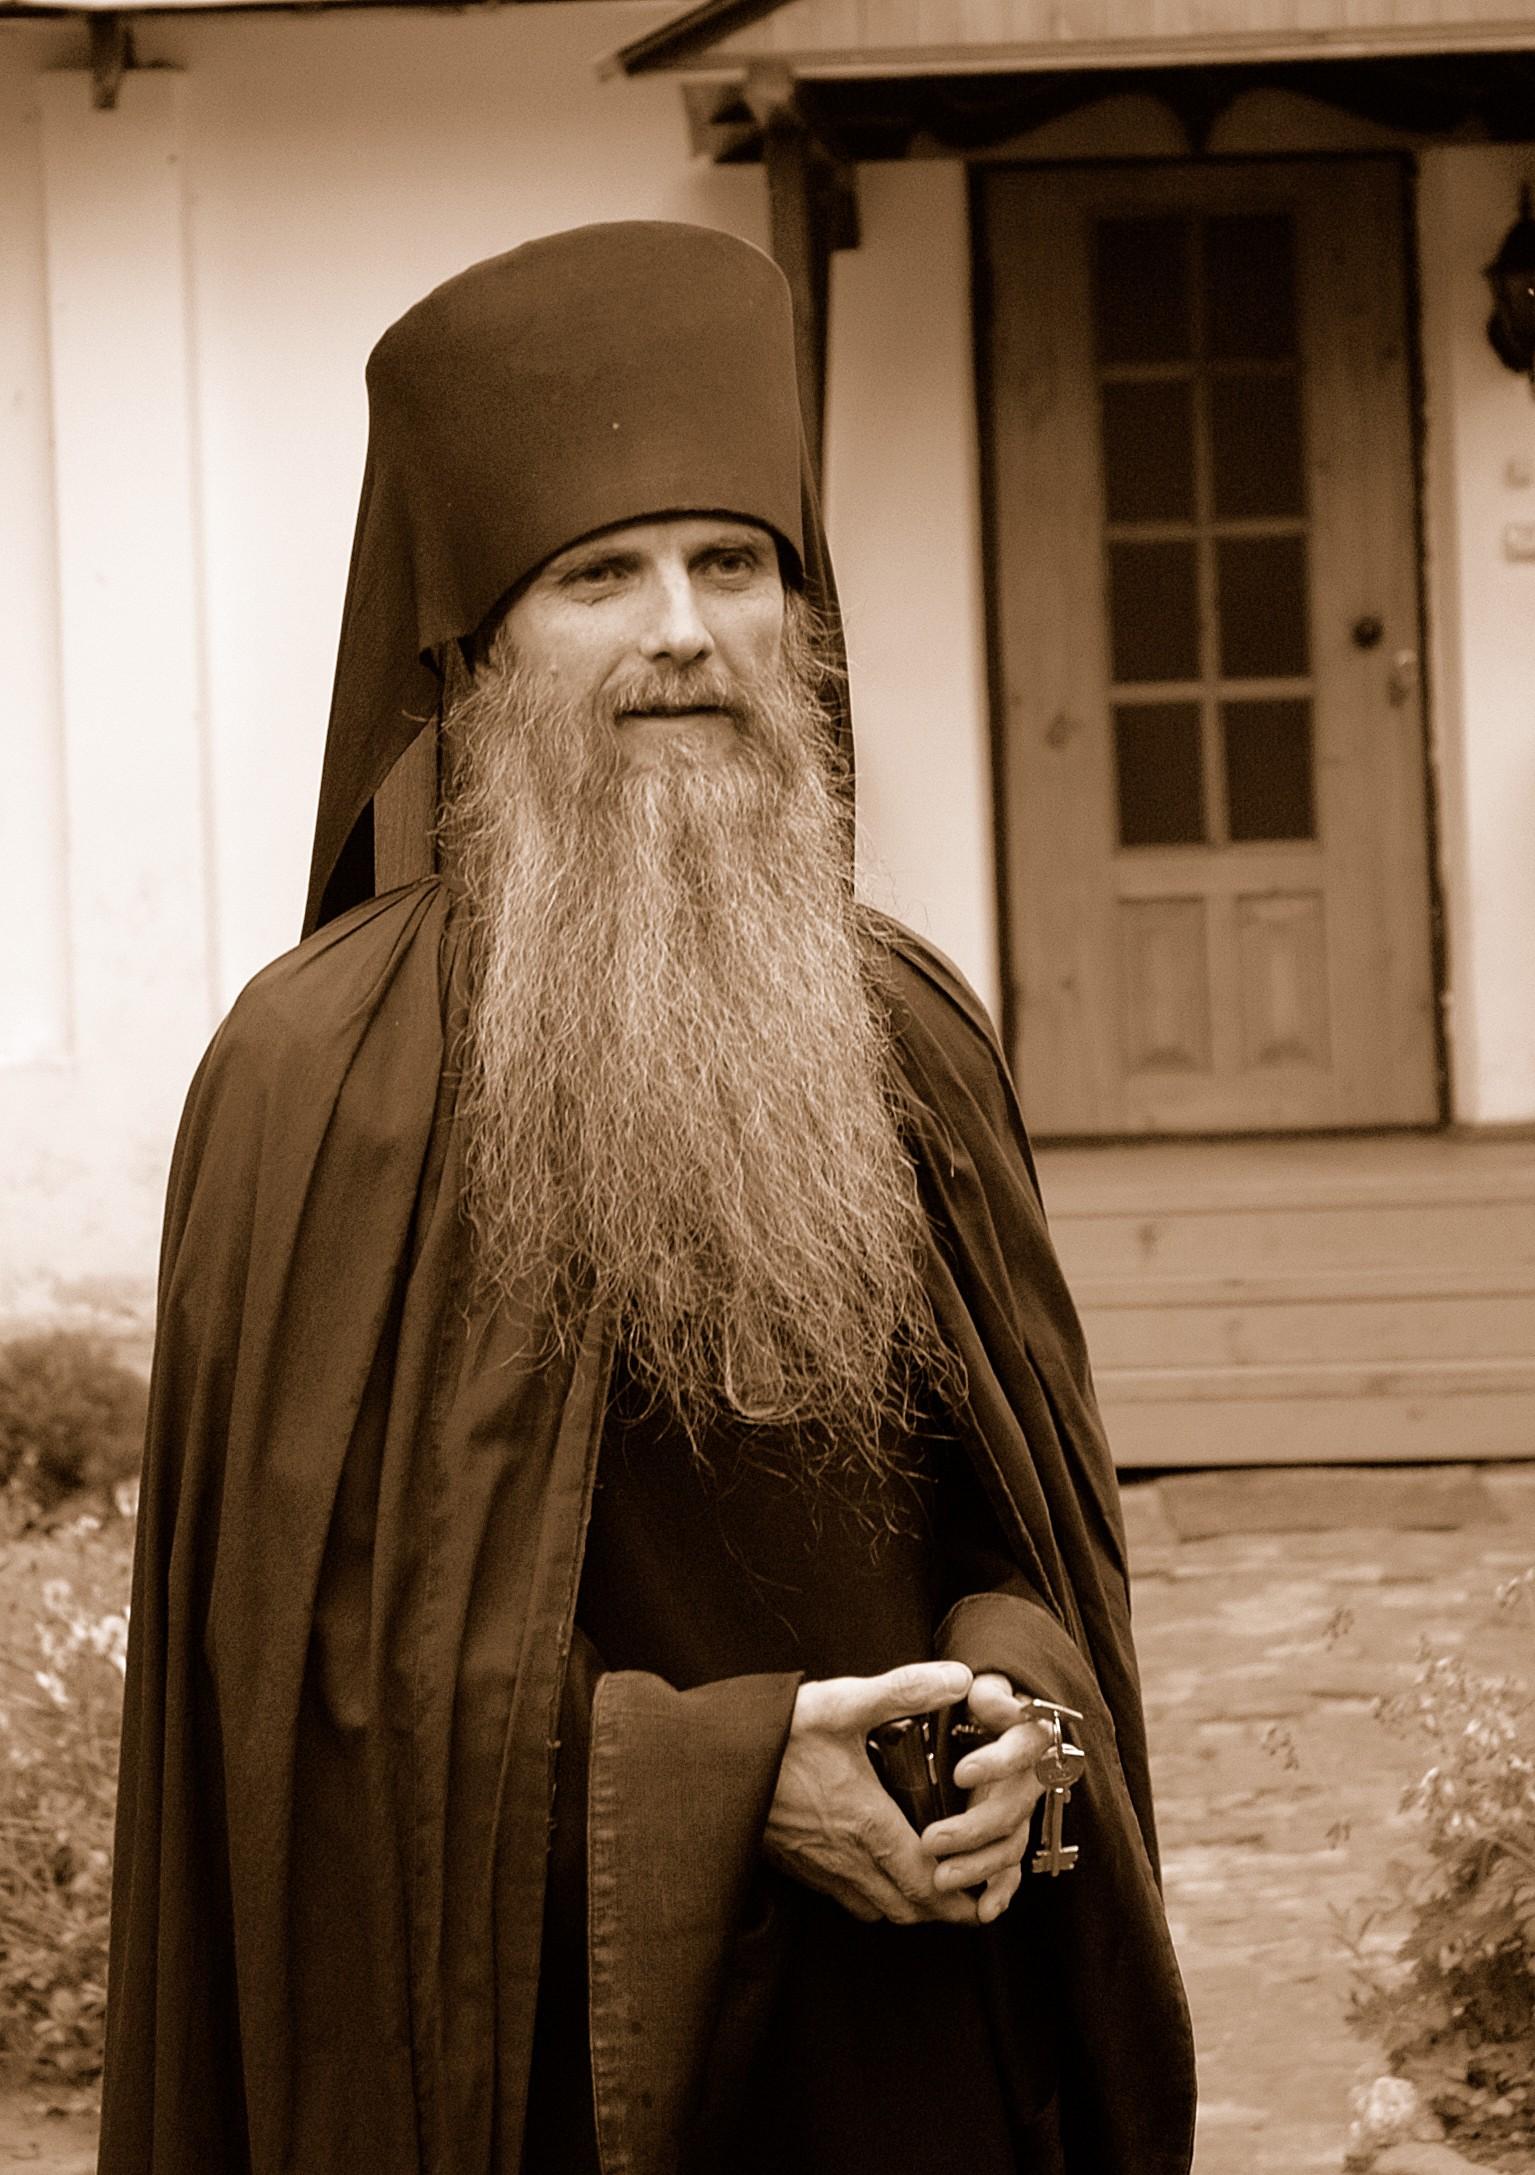 Помощь наркоманам православием вывод из запоя приятель электросталь